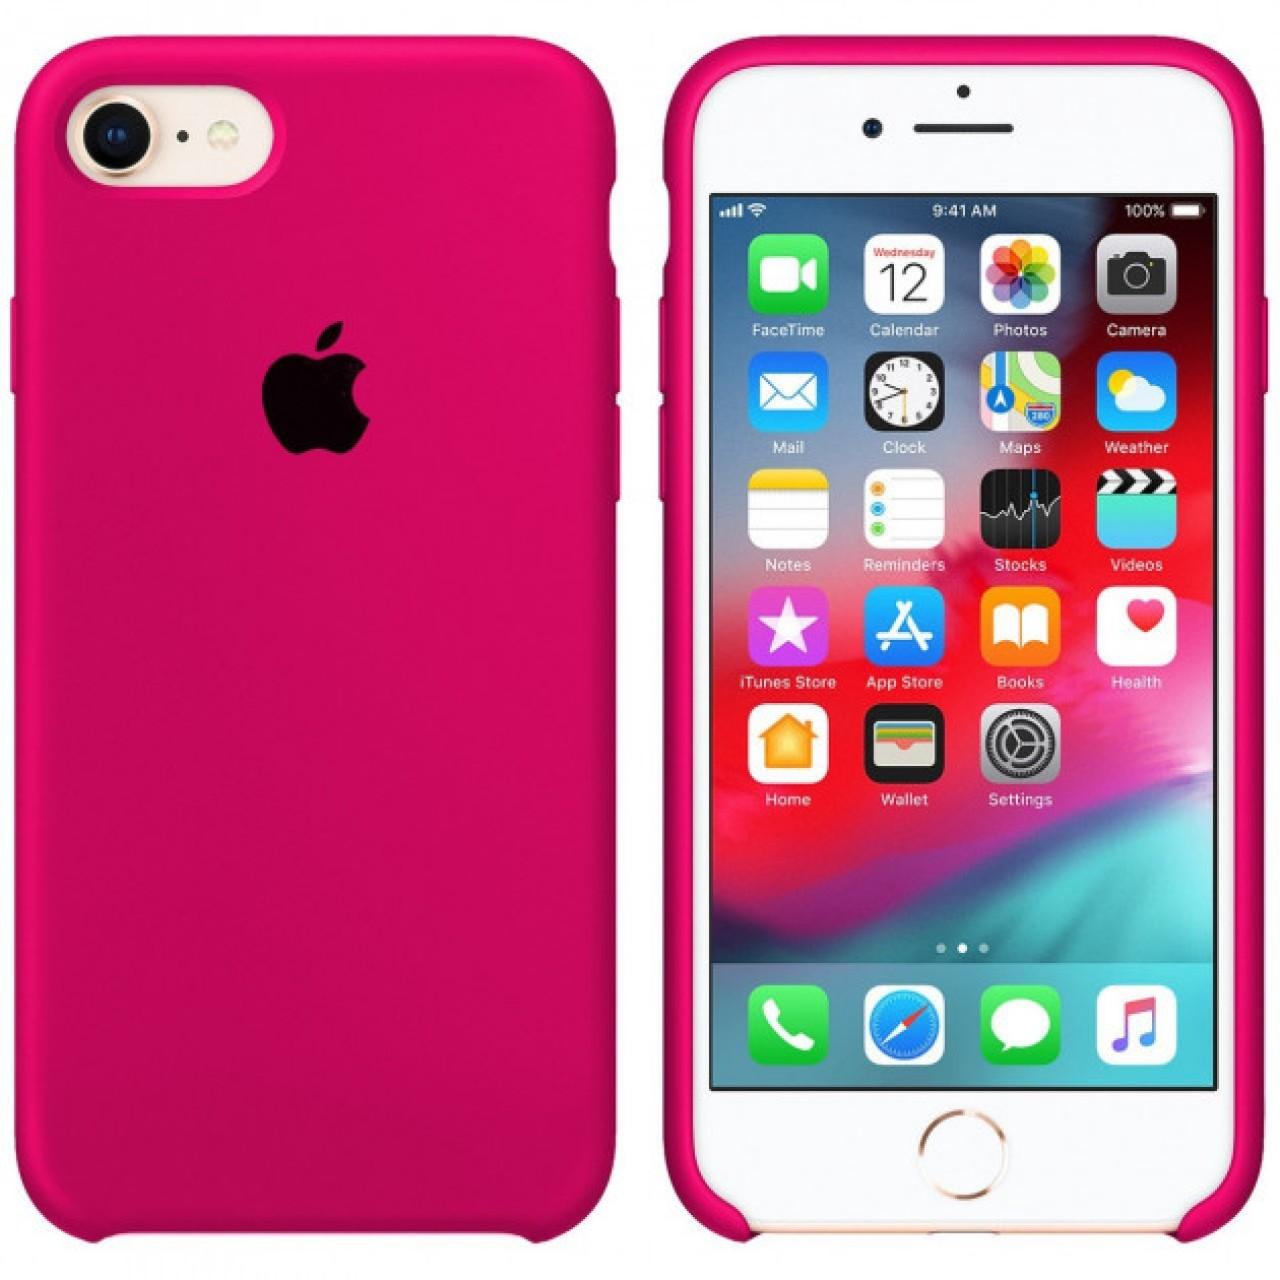 ΘΗΚΗ ΠΡΟΣΤΑΣΙΑΣ ΣΙΛΙΚΟΝΗΣ ΓΙΑ iPhone 7 / 8 / SE 2020 ΦΟΥΞΙΑ - BACK COVER SILICON CASE FUCHSIA - OEM